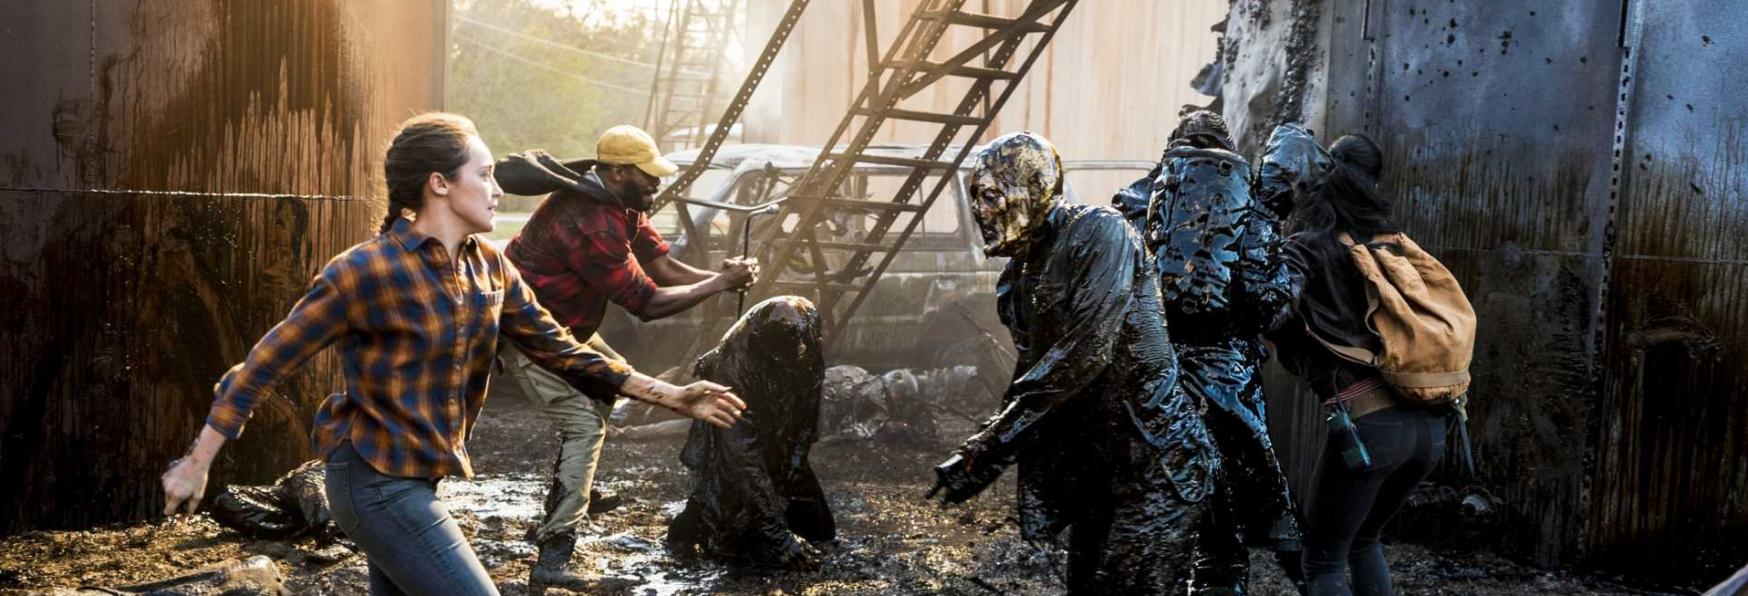 Fear the Walking Dead 6: nuovi Aggiornamenti sulla prossima Stagione